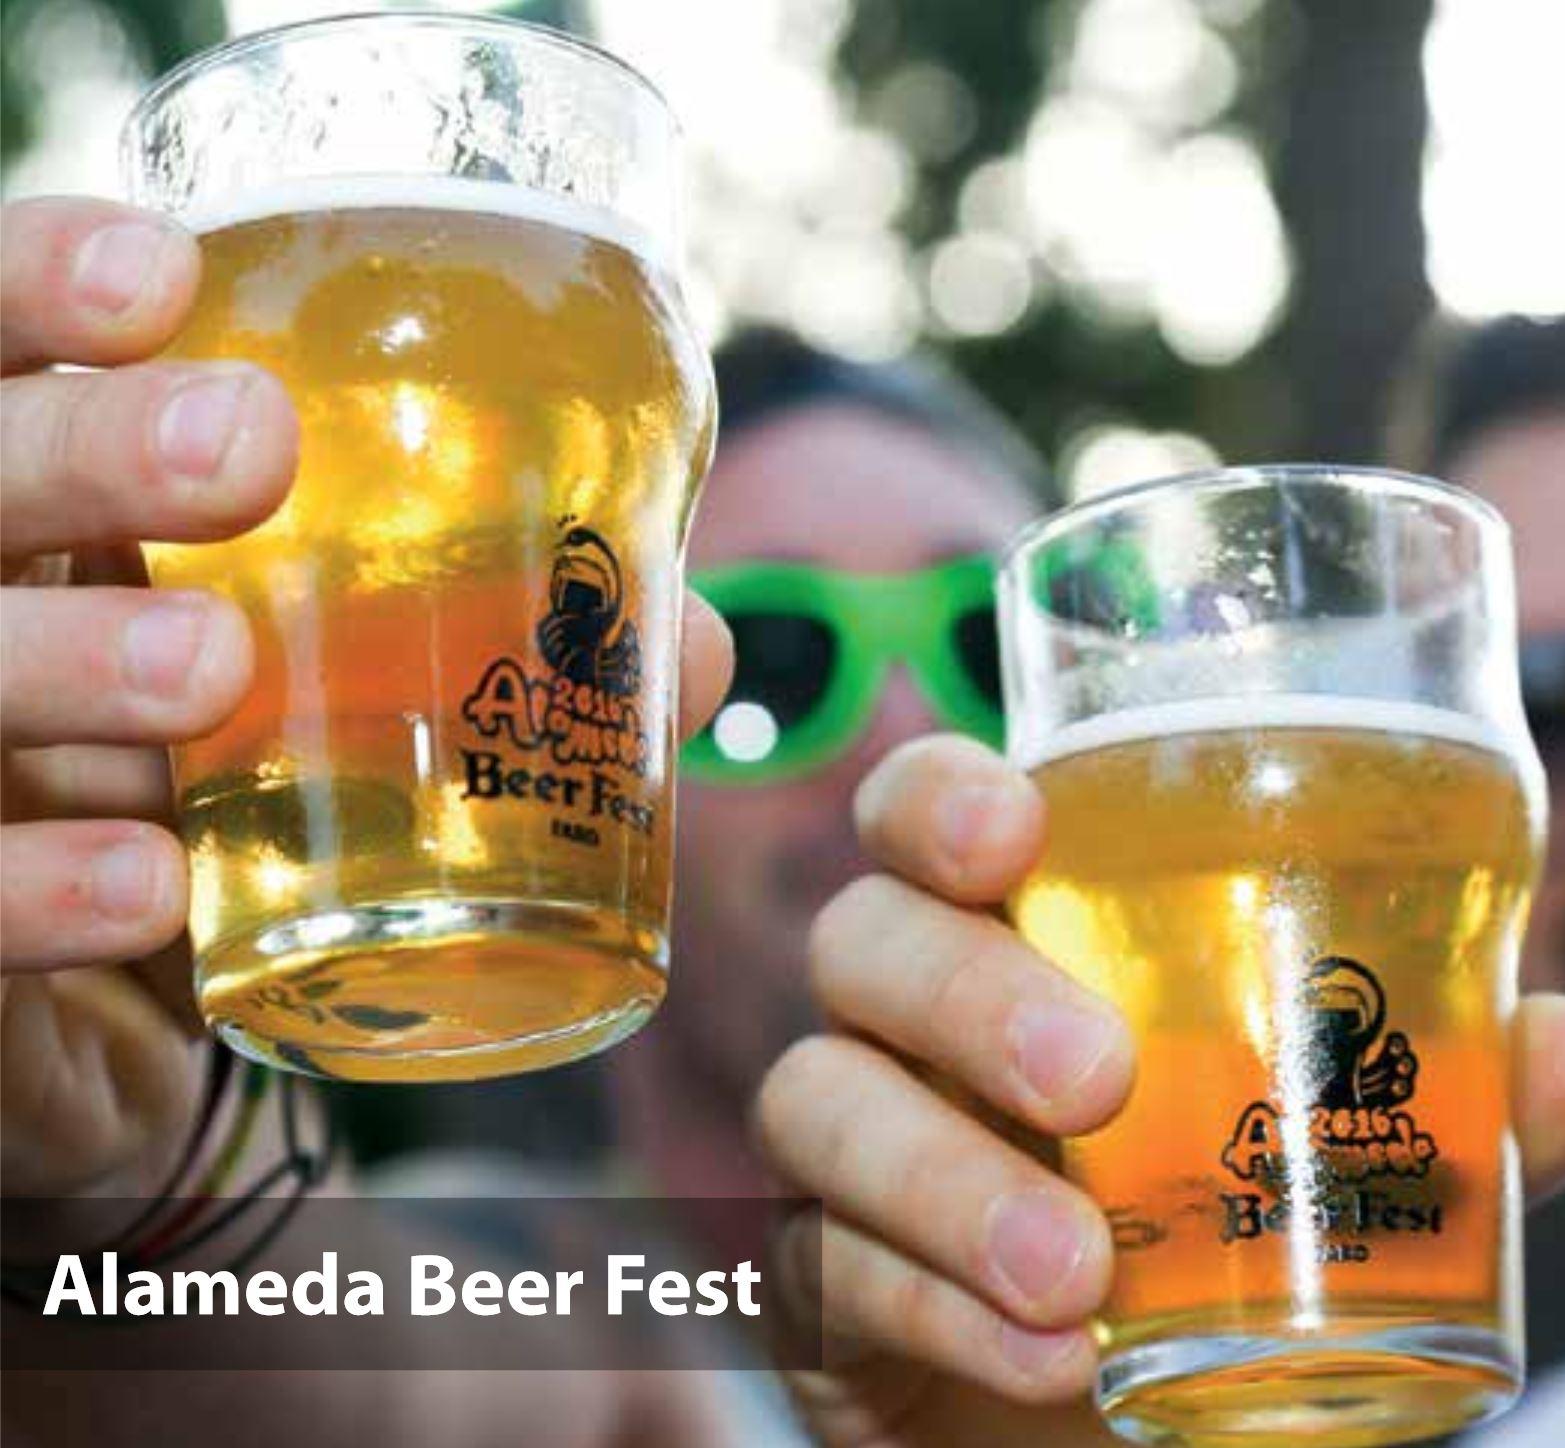 Alameda Beer Fest 2017 im Juli in Faro, Algarve